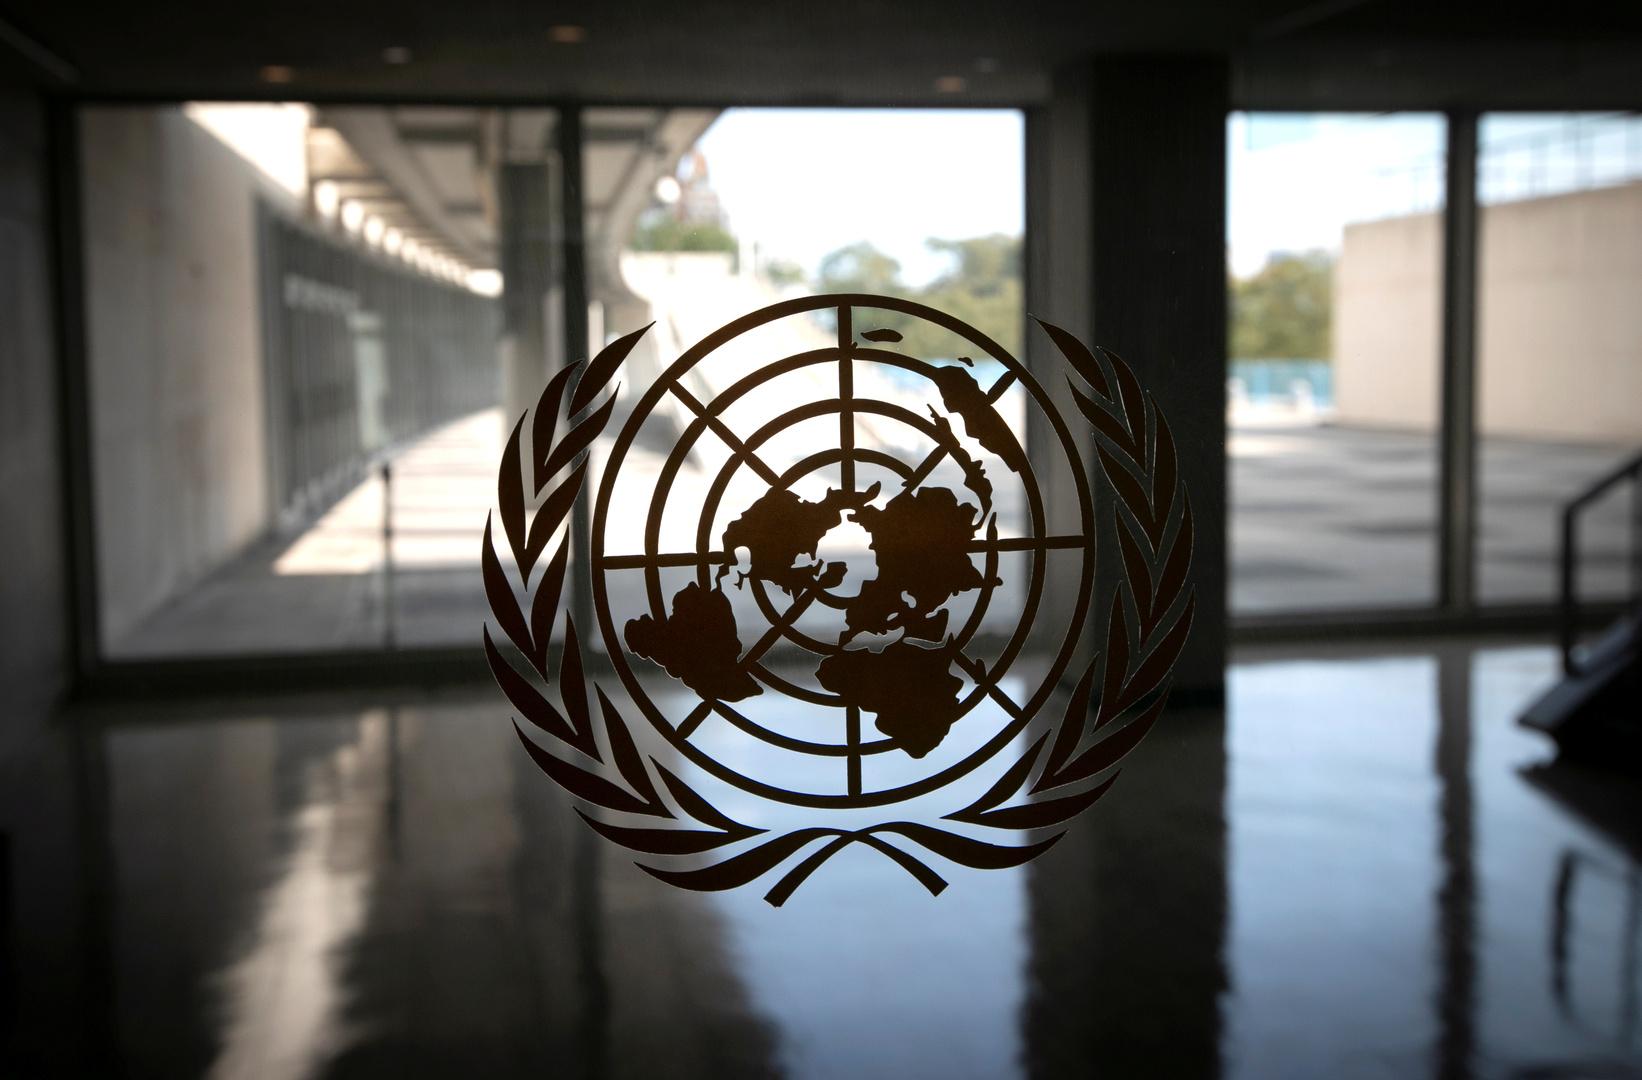 الأمم المتحدة تحذر من كارثة إنسانية كبرى في 2021